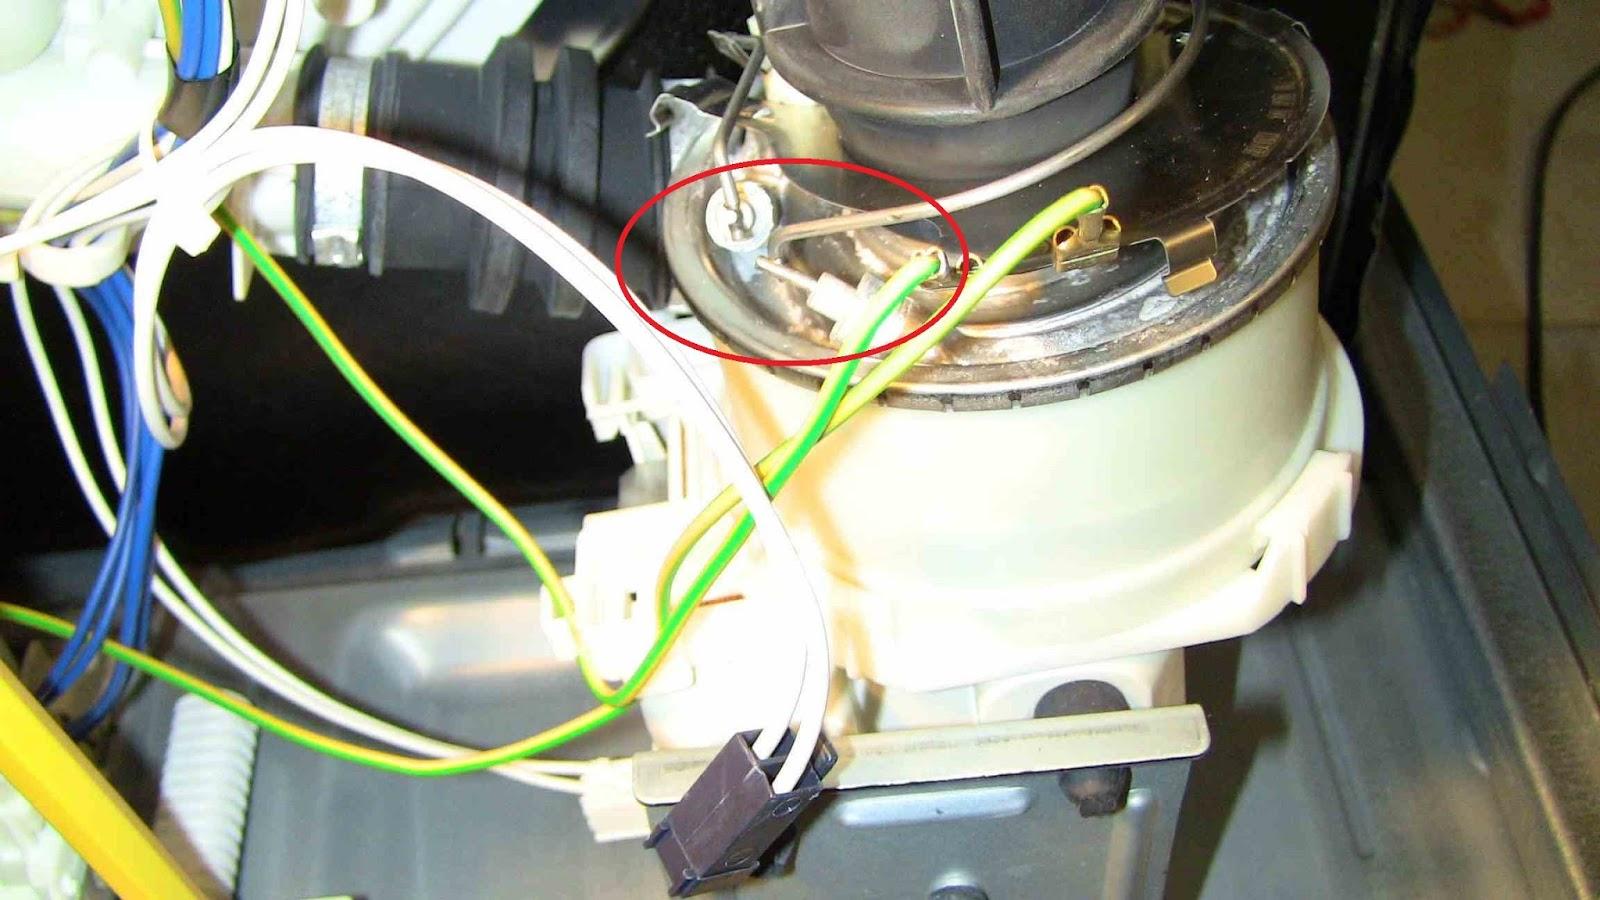 Schema Elettrico Lavatrice Whirlpool : Fai da te con l esperto tuttofare lavastoviglie